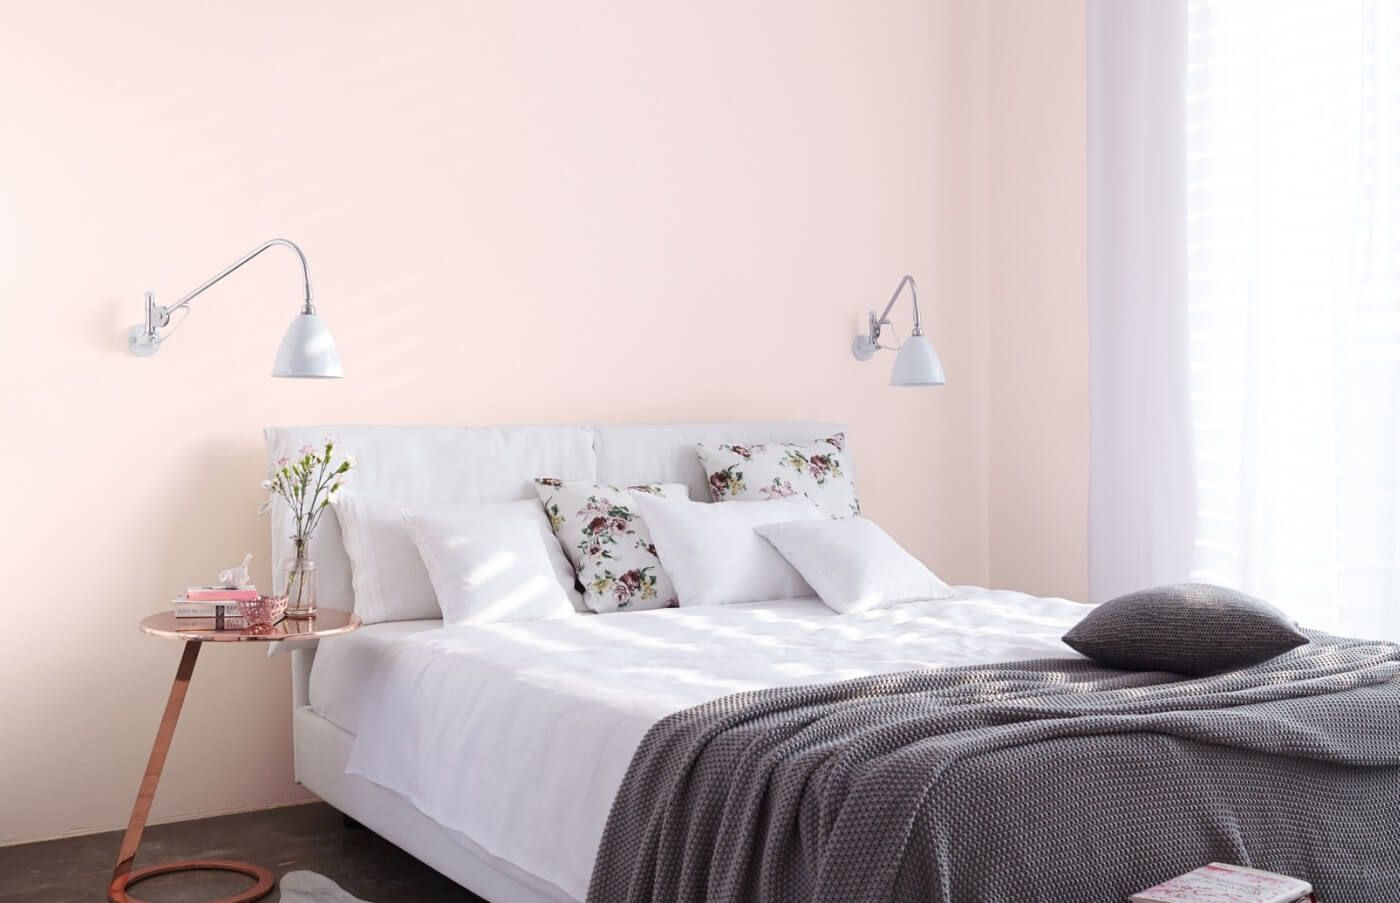 alpina feine farben edelmatte wandfarbe f r innen alle farbt ne 2 5l dose wandfarben. Black Bedroom Furniture Sets. Home Design Ideas